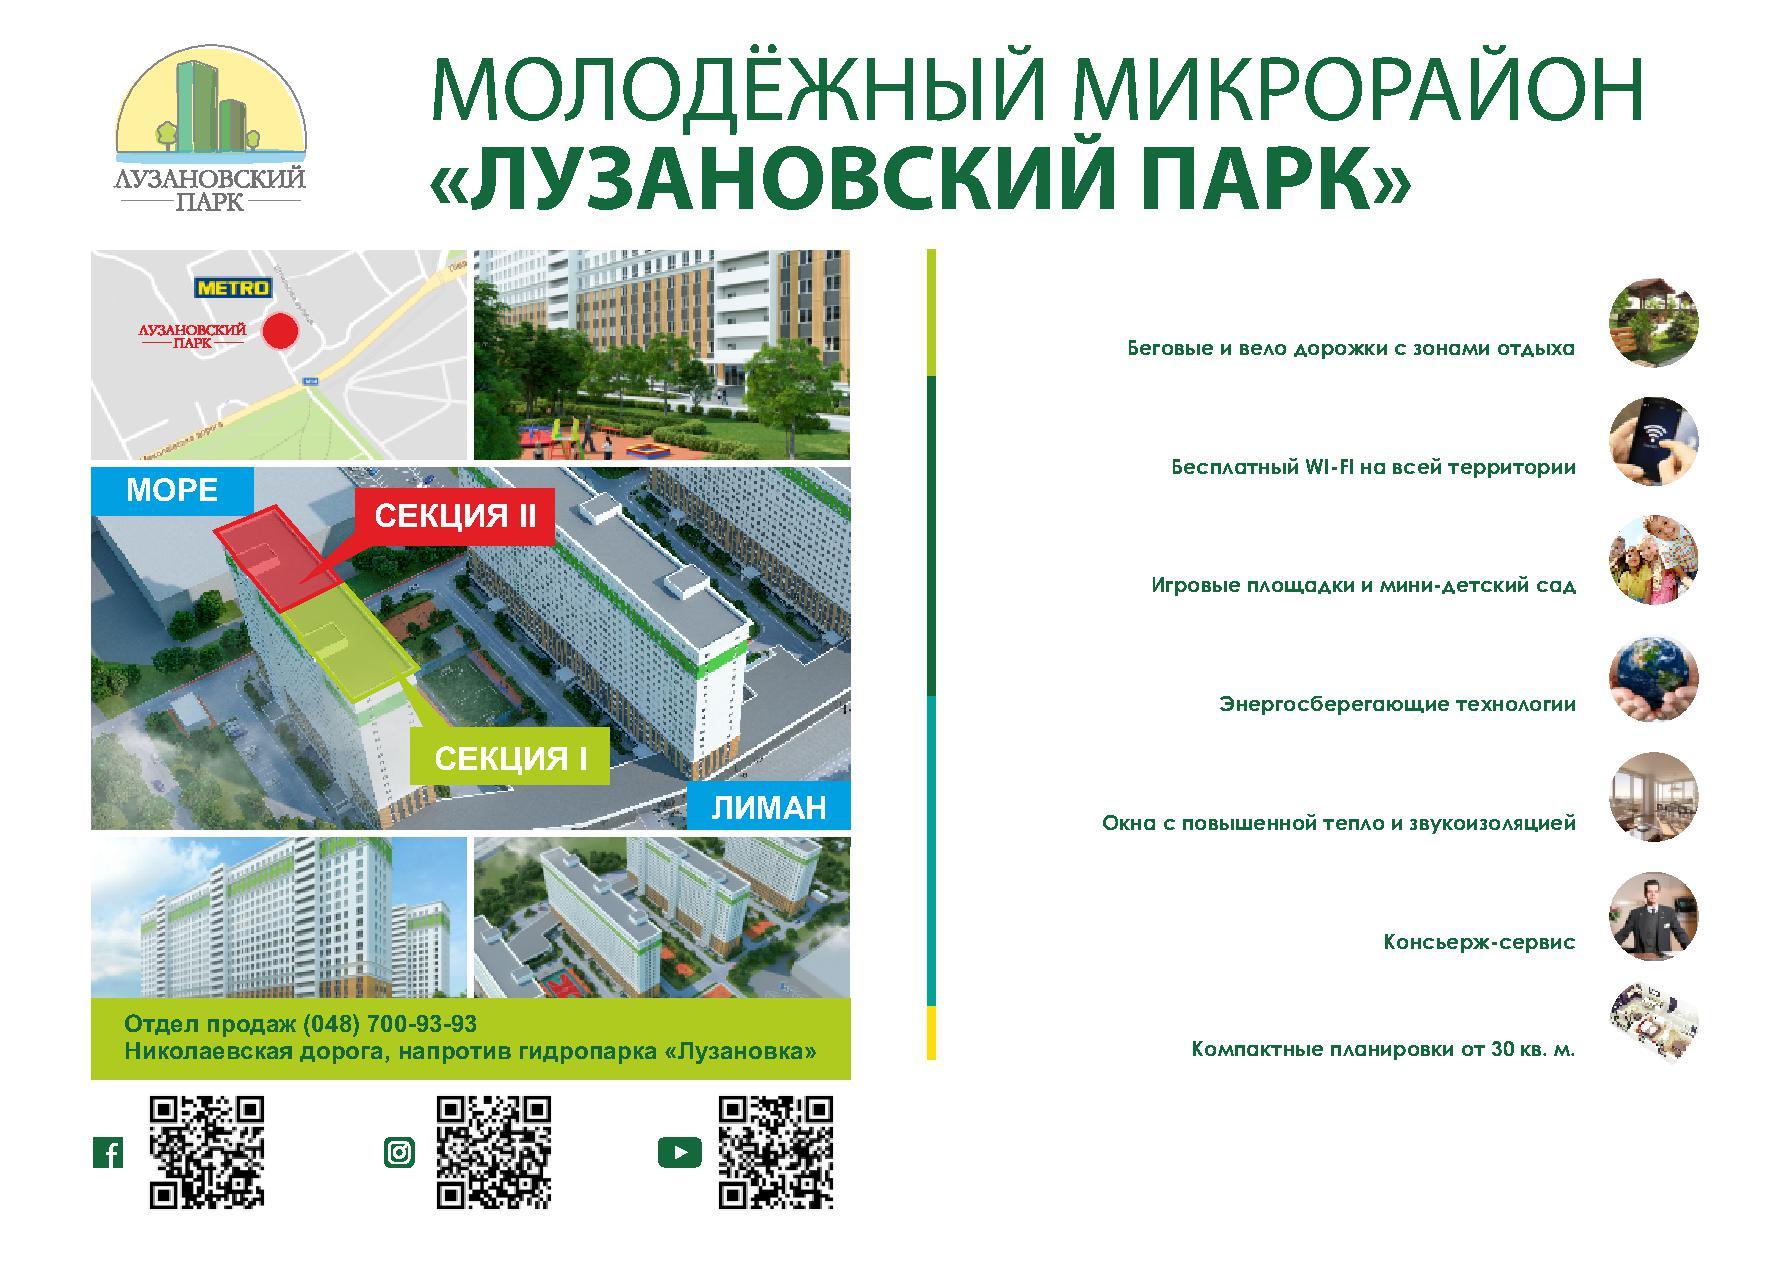 Лузановский парк